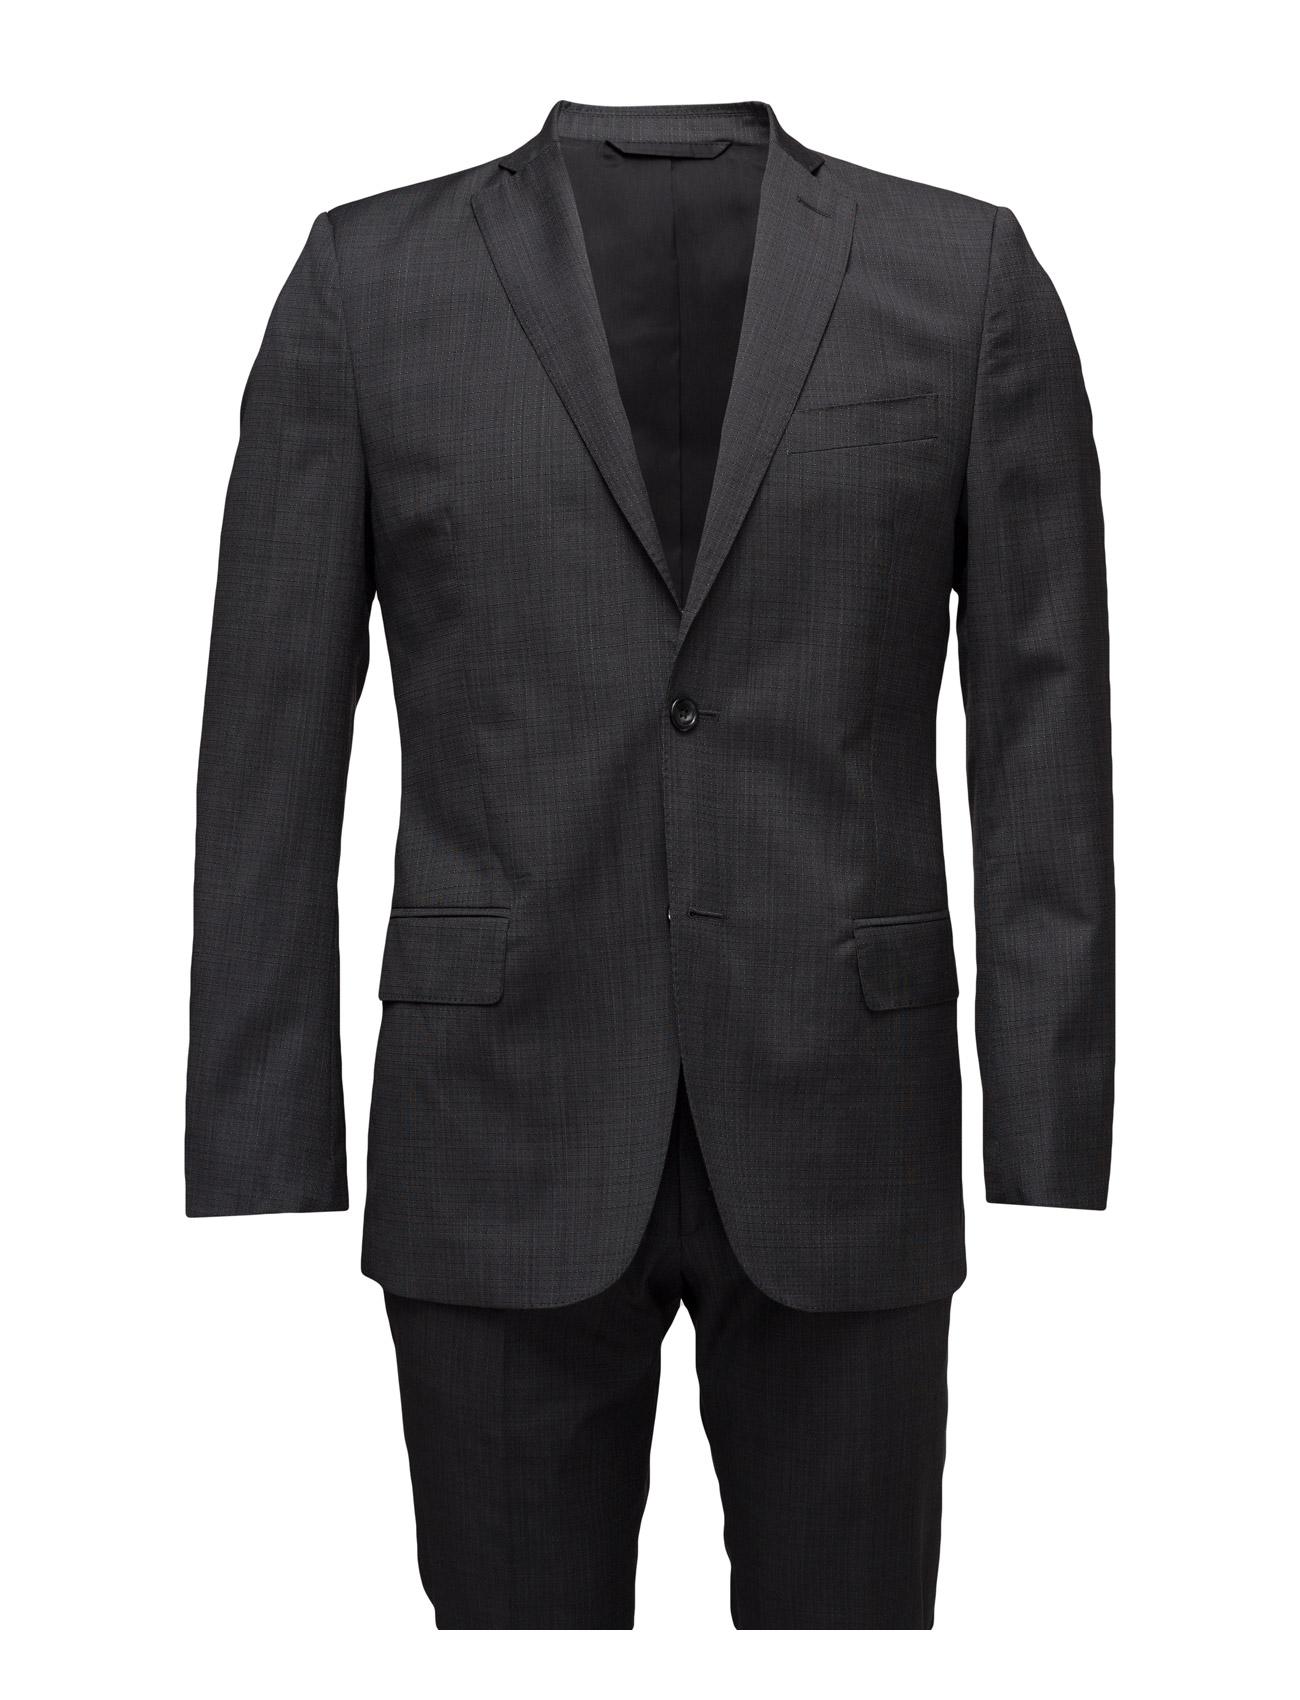 Hopper Soft / P Fancy Dressed J. Lindeberg Jakkesæt til Mænd i